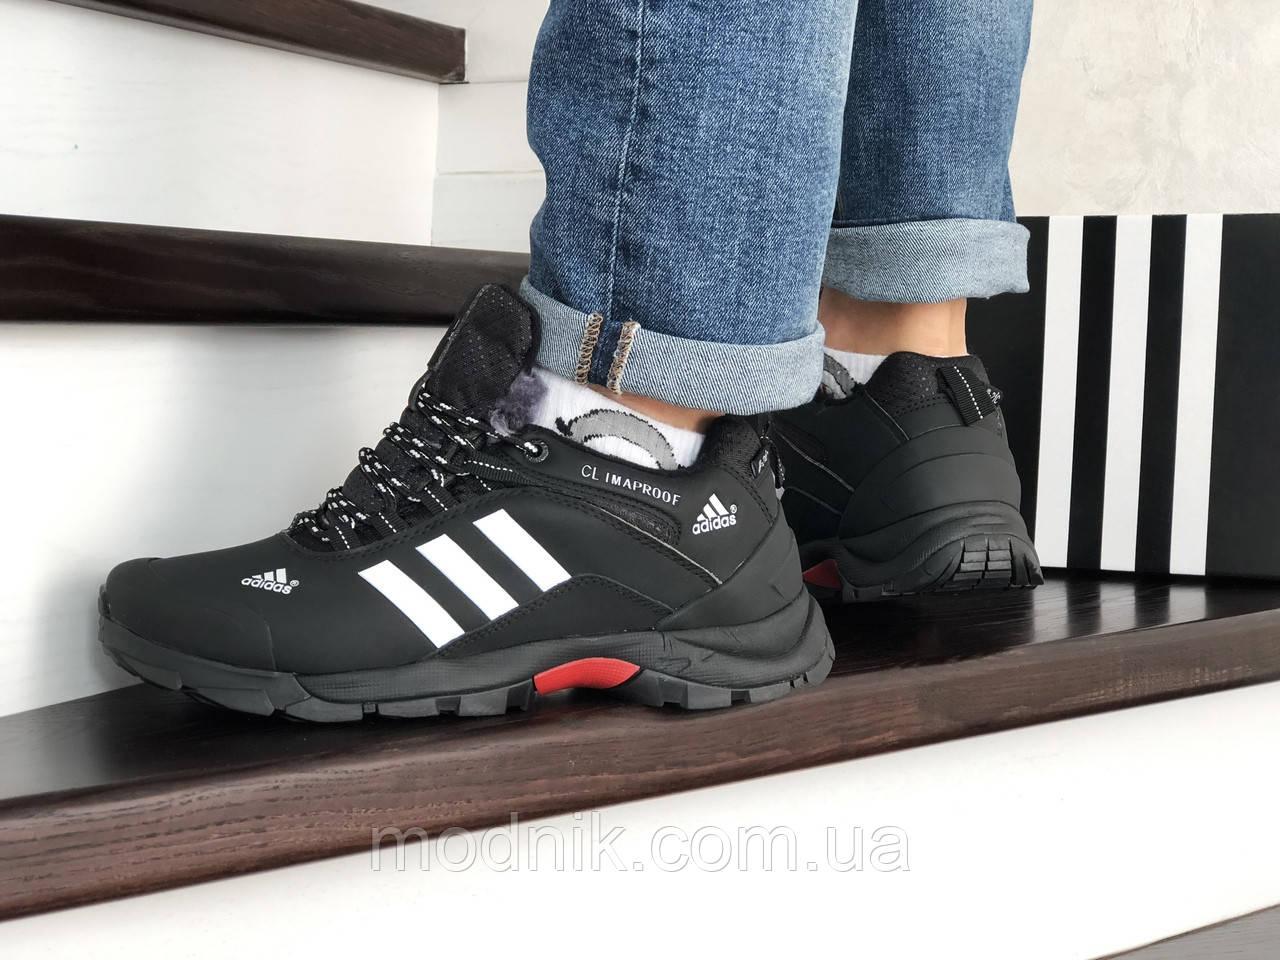 Мужские зимние кроссовки Adidas Climaproof (черно-белые)